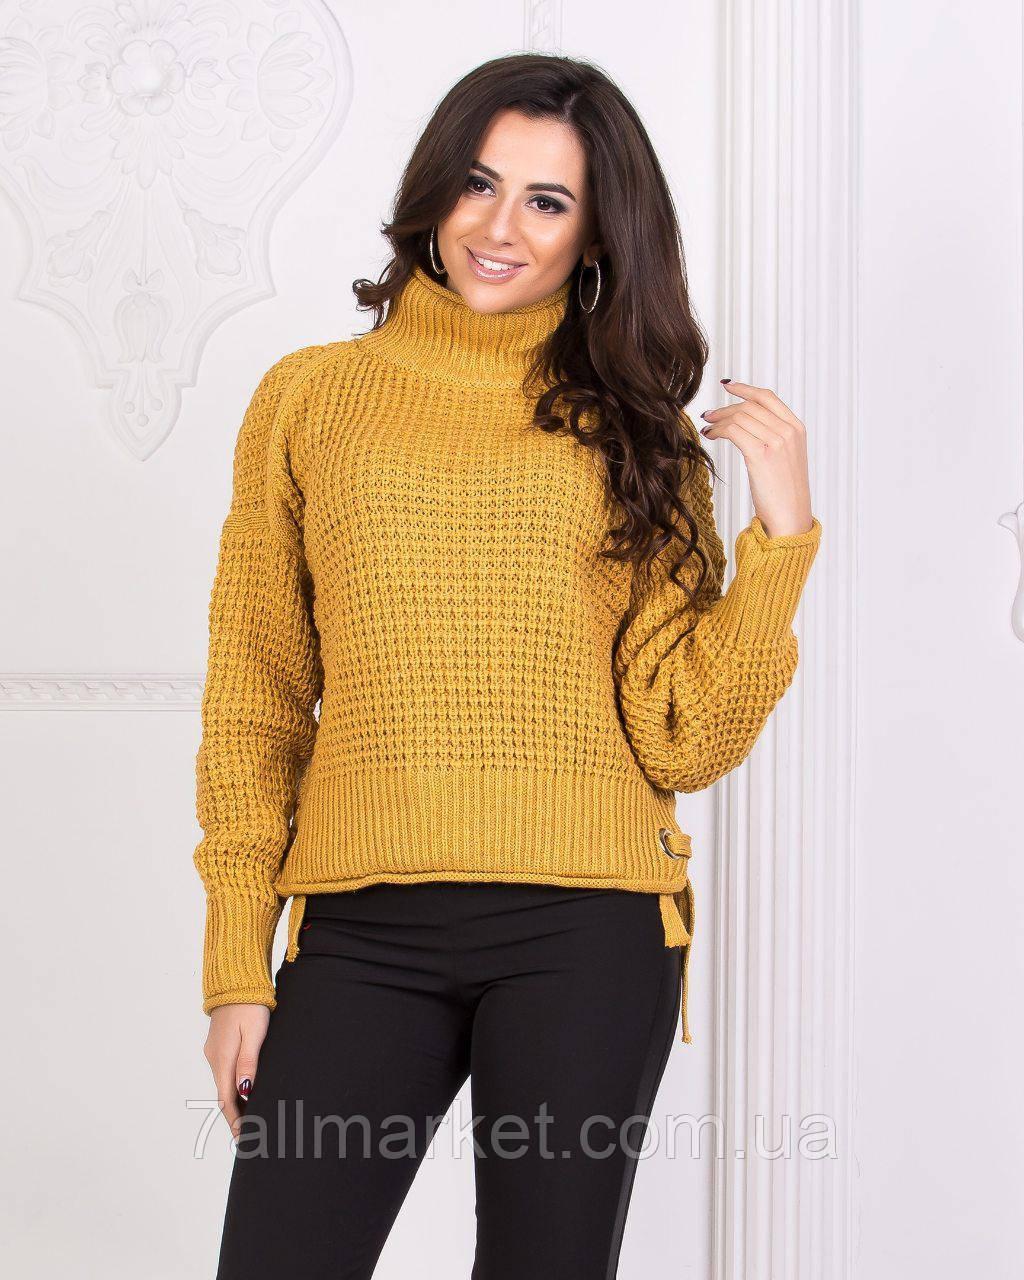 свитер женский вязаный под горло размер 42 46 3цв Lara купить